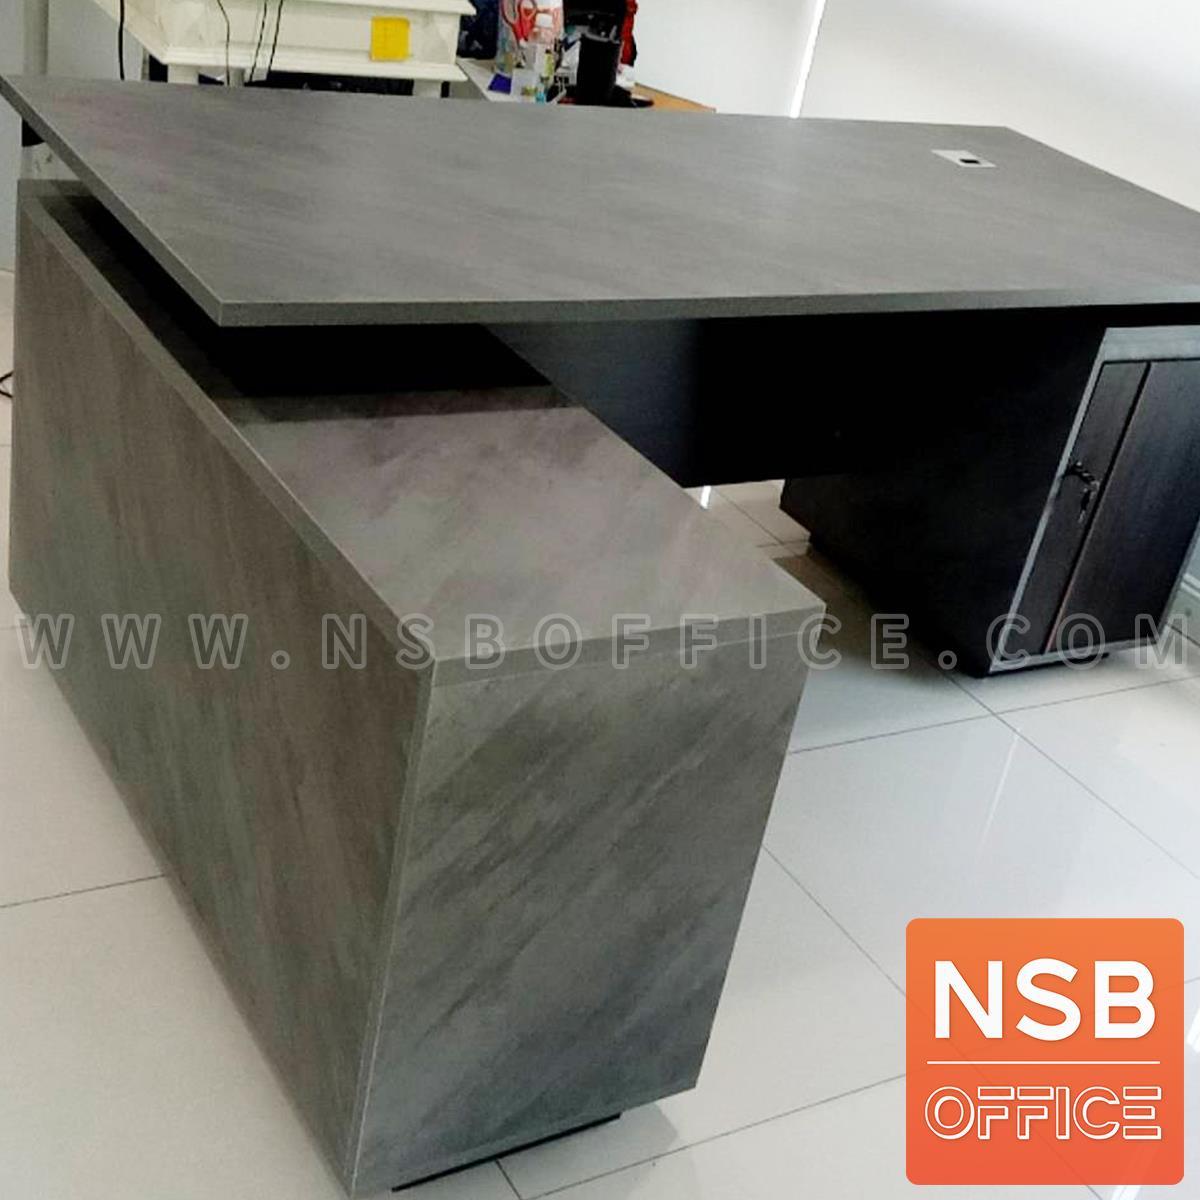 โต๊ะทำงานตัวแอล รุ่น Vicky (วิกกี้) ขนาด 180 cm. 2 ลิ้นชัก ตู้ข้างบานเปิดแบบ Soft Close